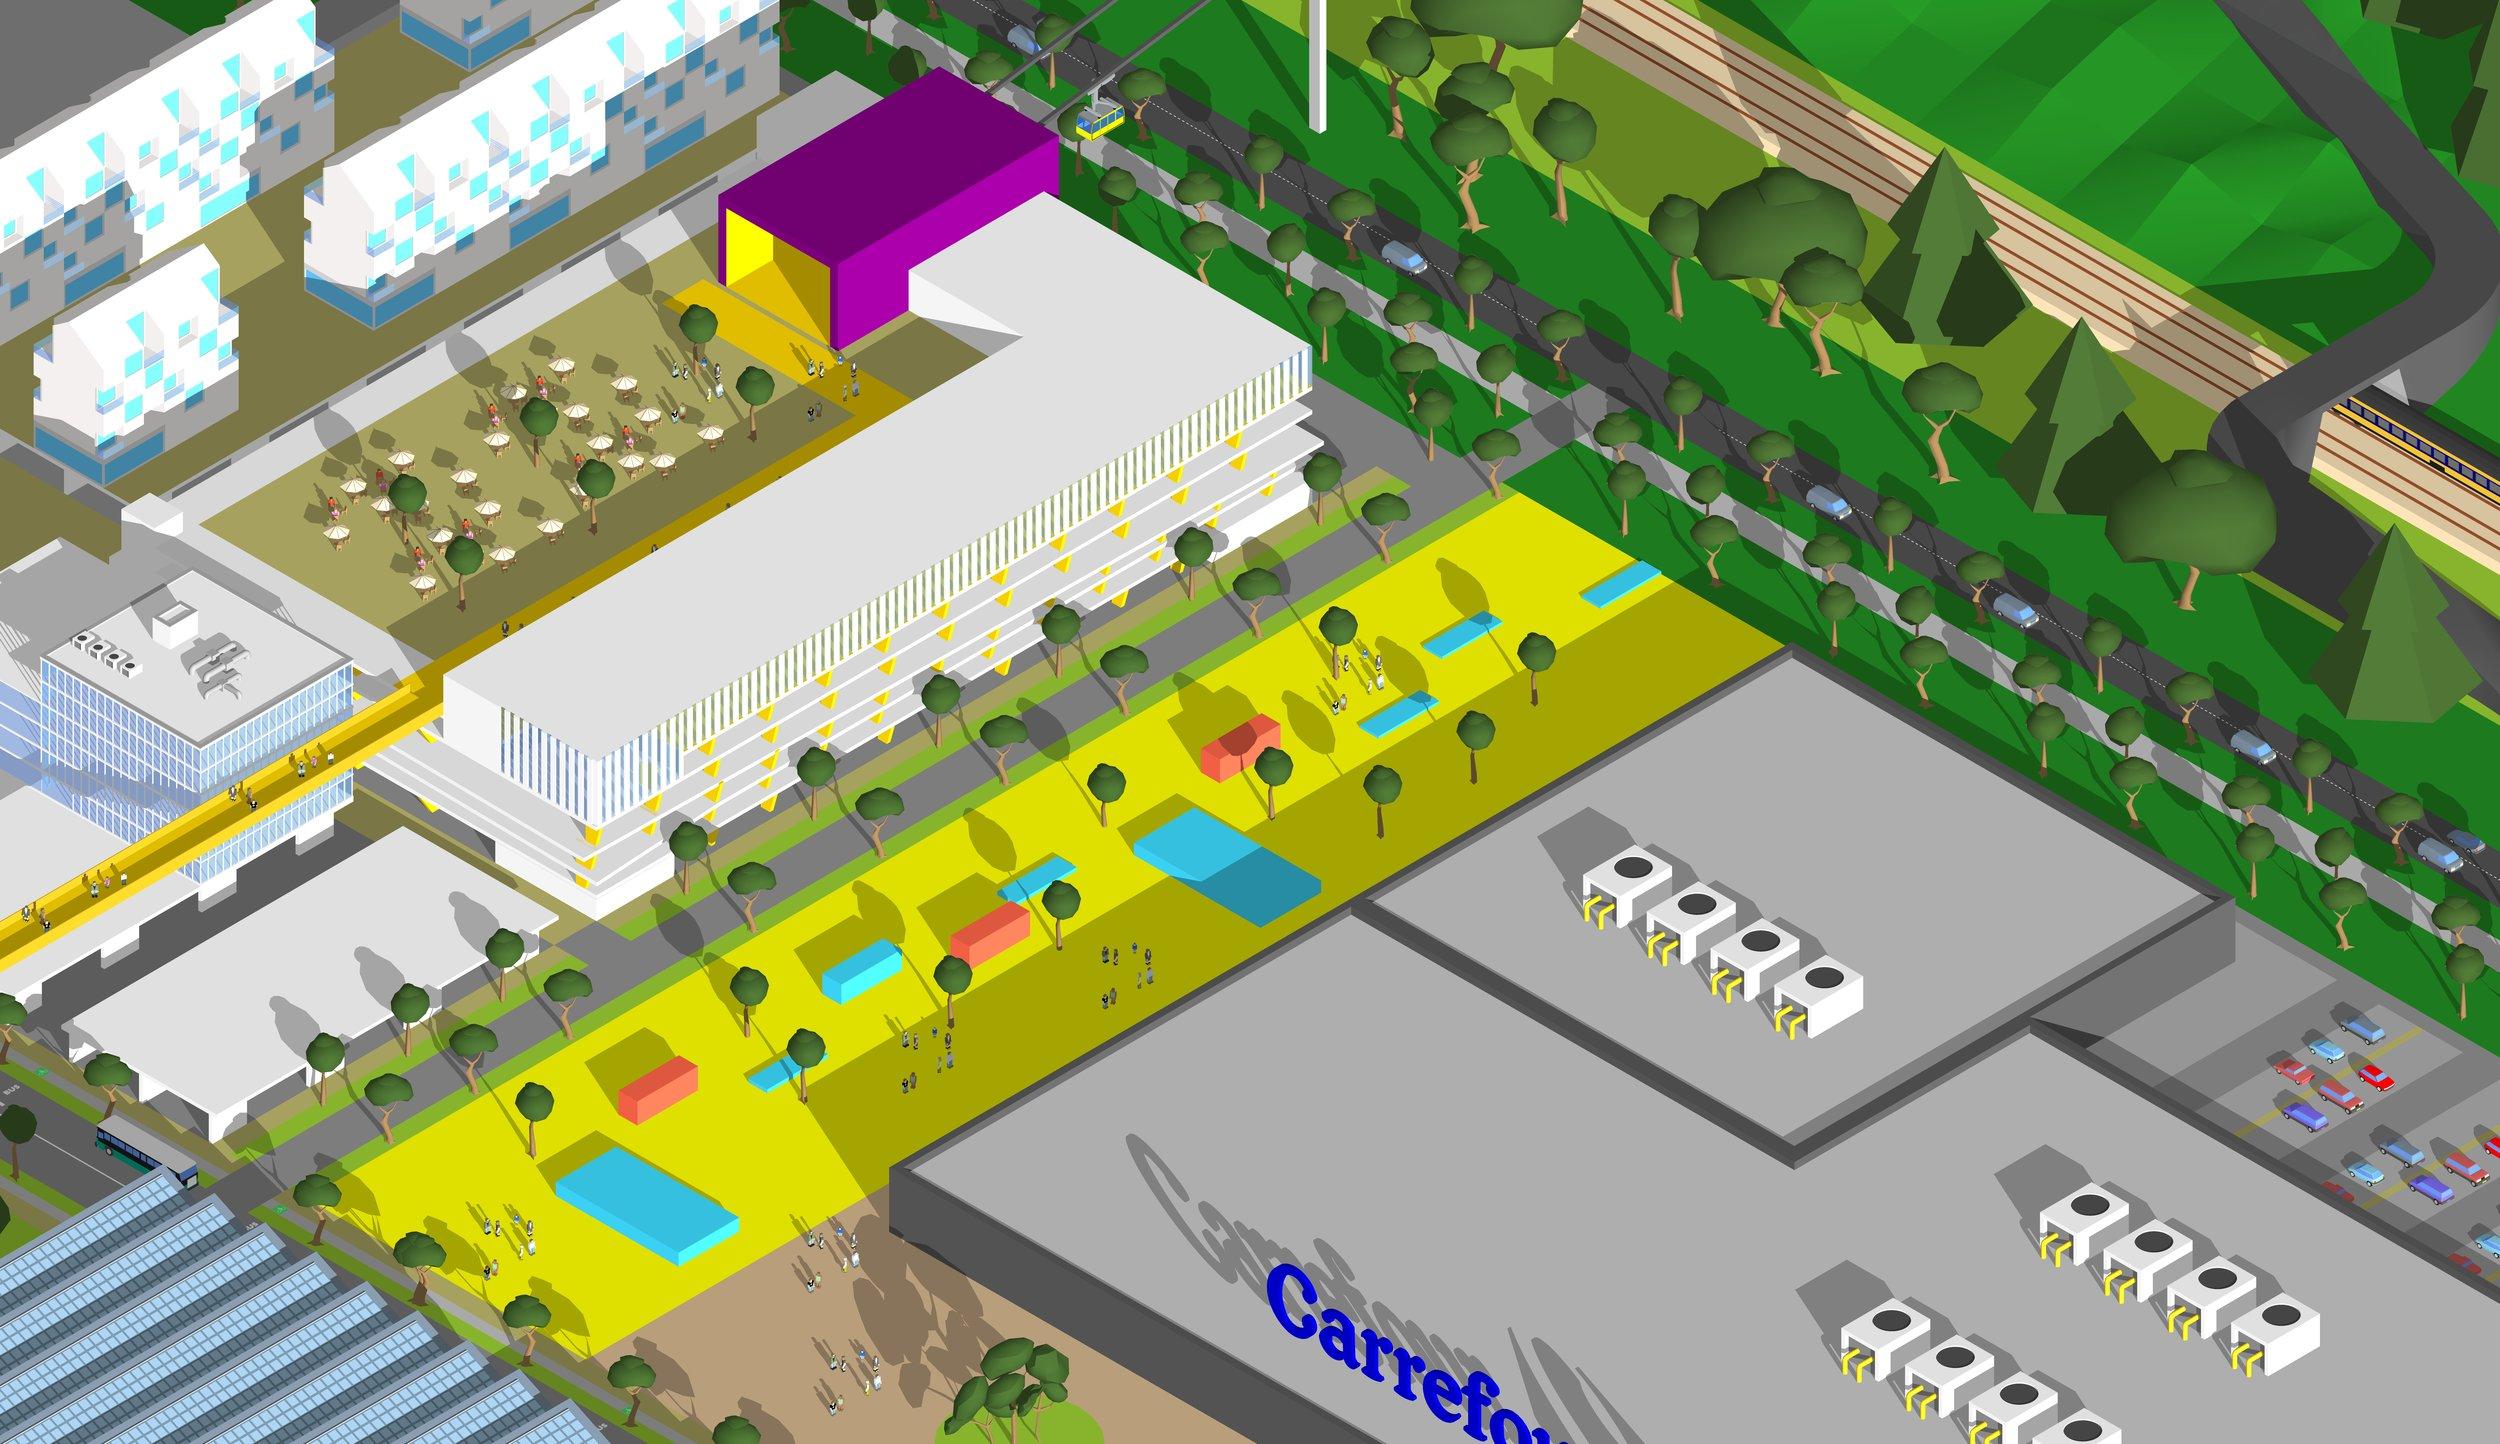 Axonométrie site des Landiers : nouvelle station intermodale